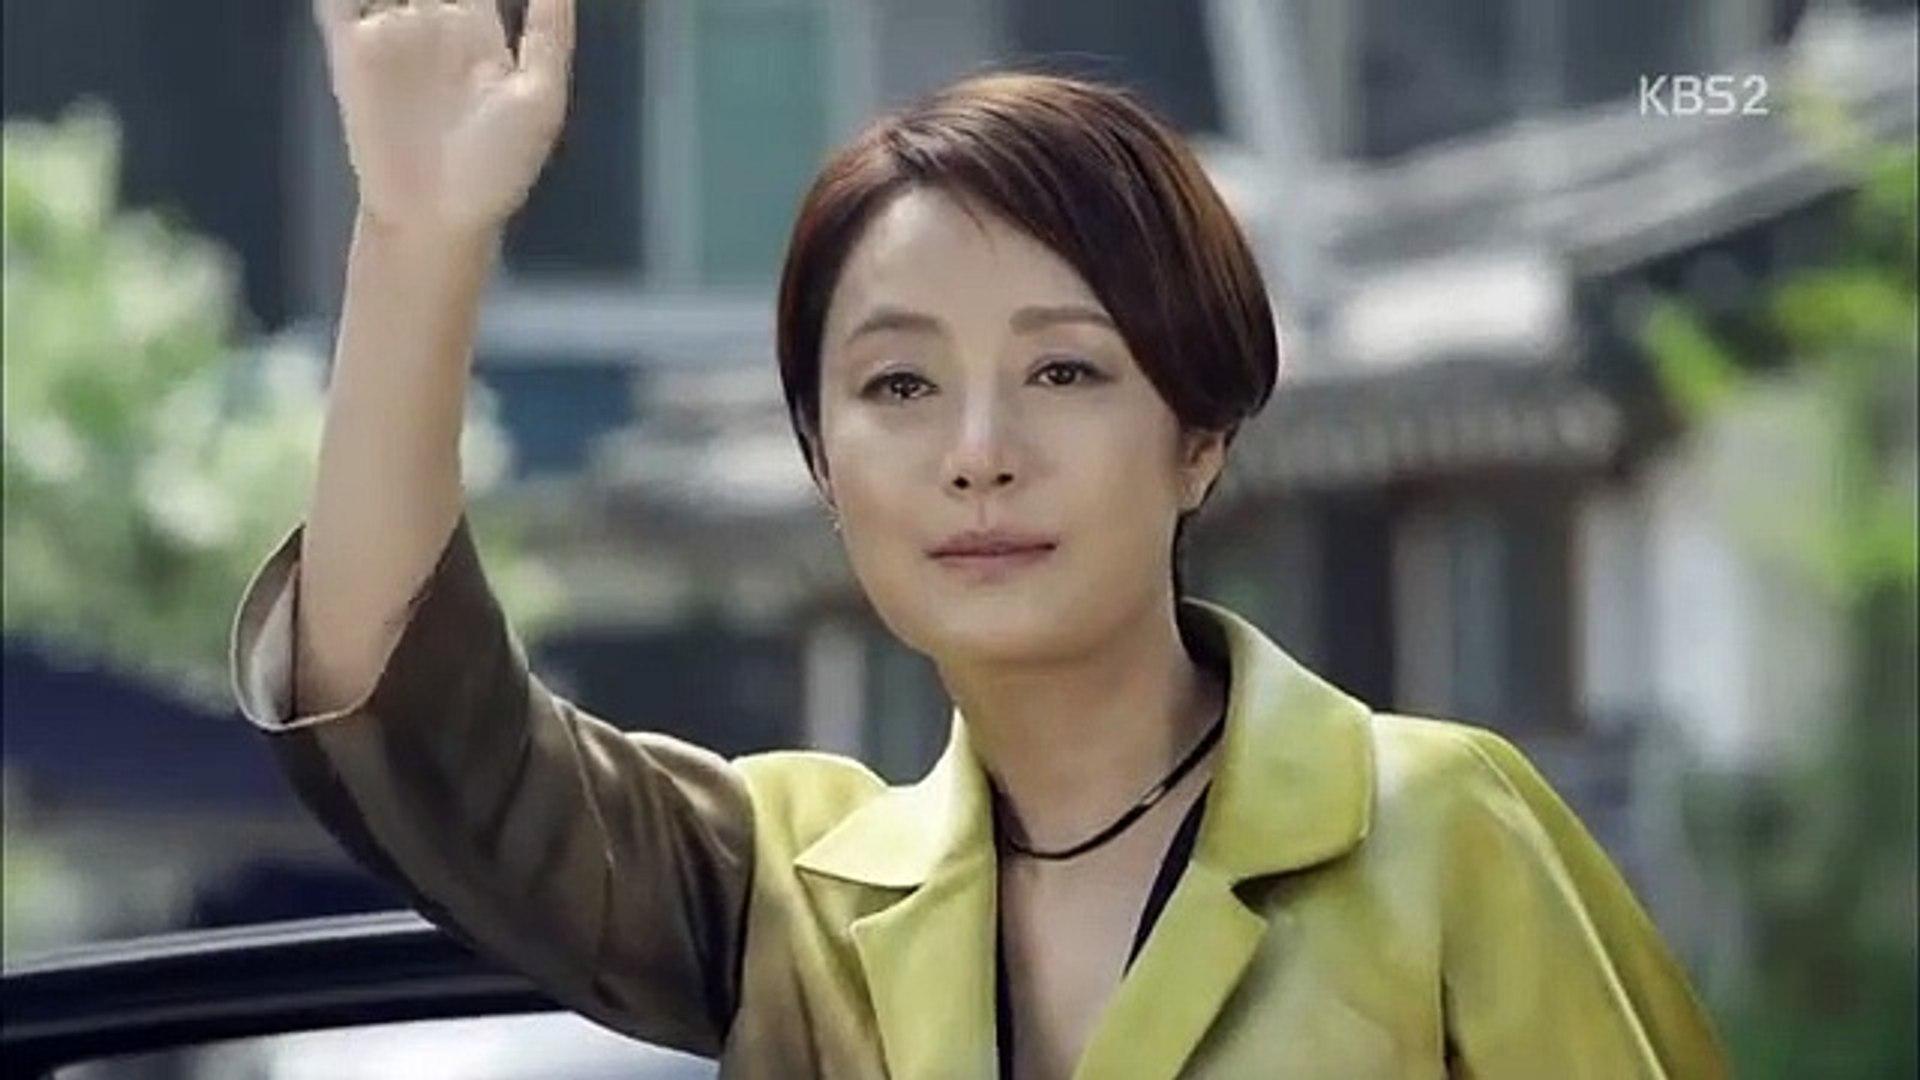 Nhà Không Cần Đàn Ông Tập 27 - HTV2 Lồng Tiếng - Phim Hàn Quốc - Phim nha khong can dan ong tap 28 -